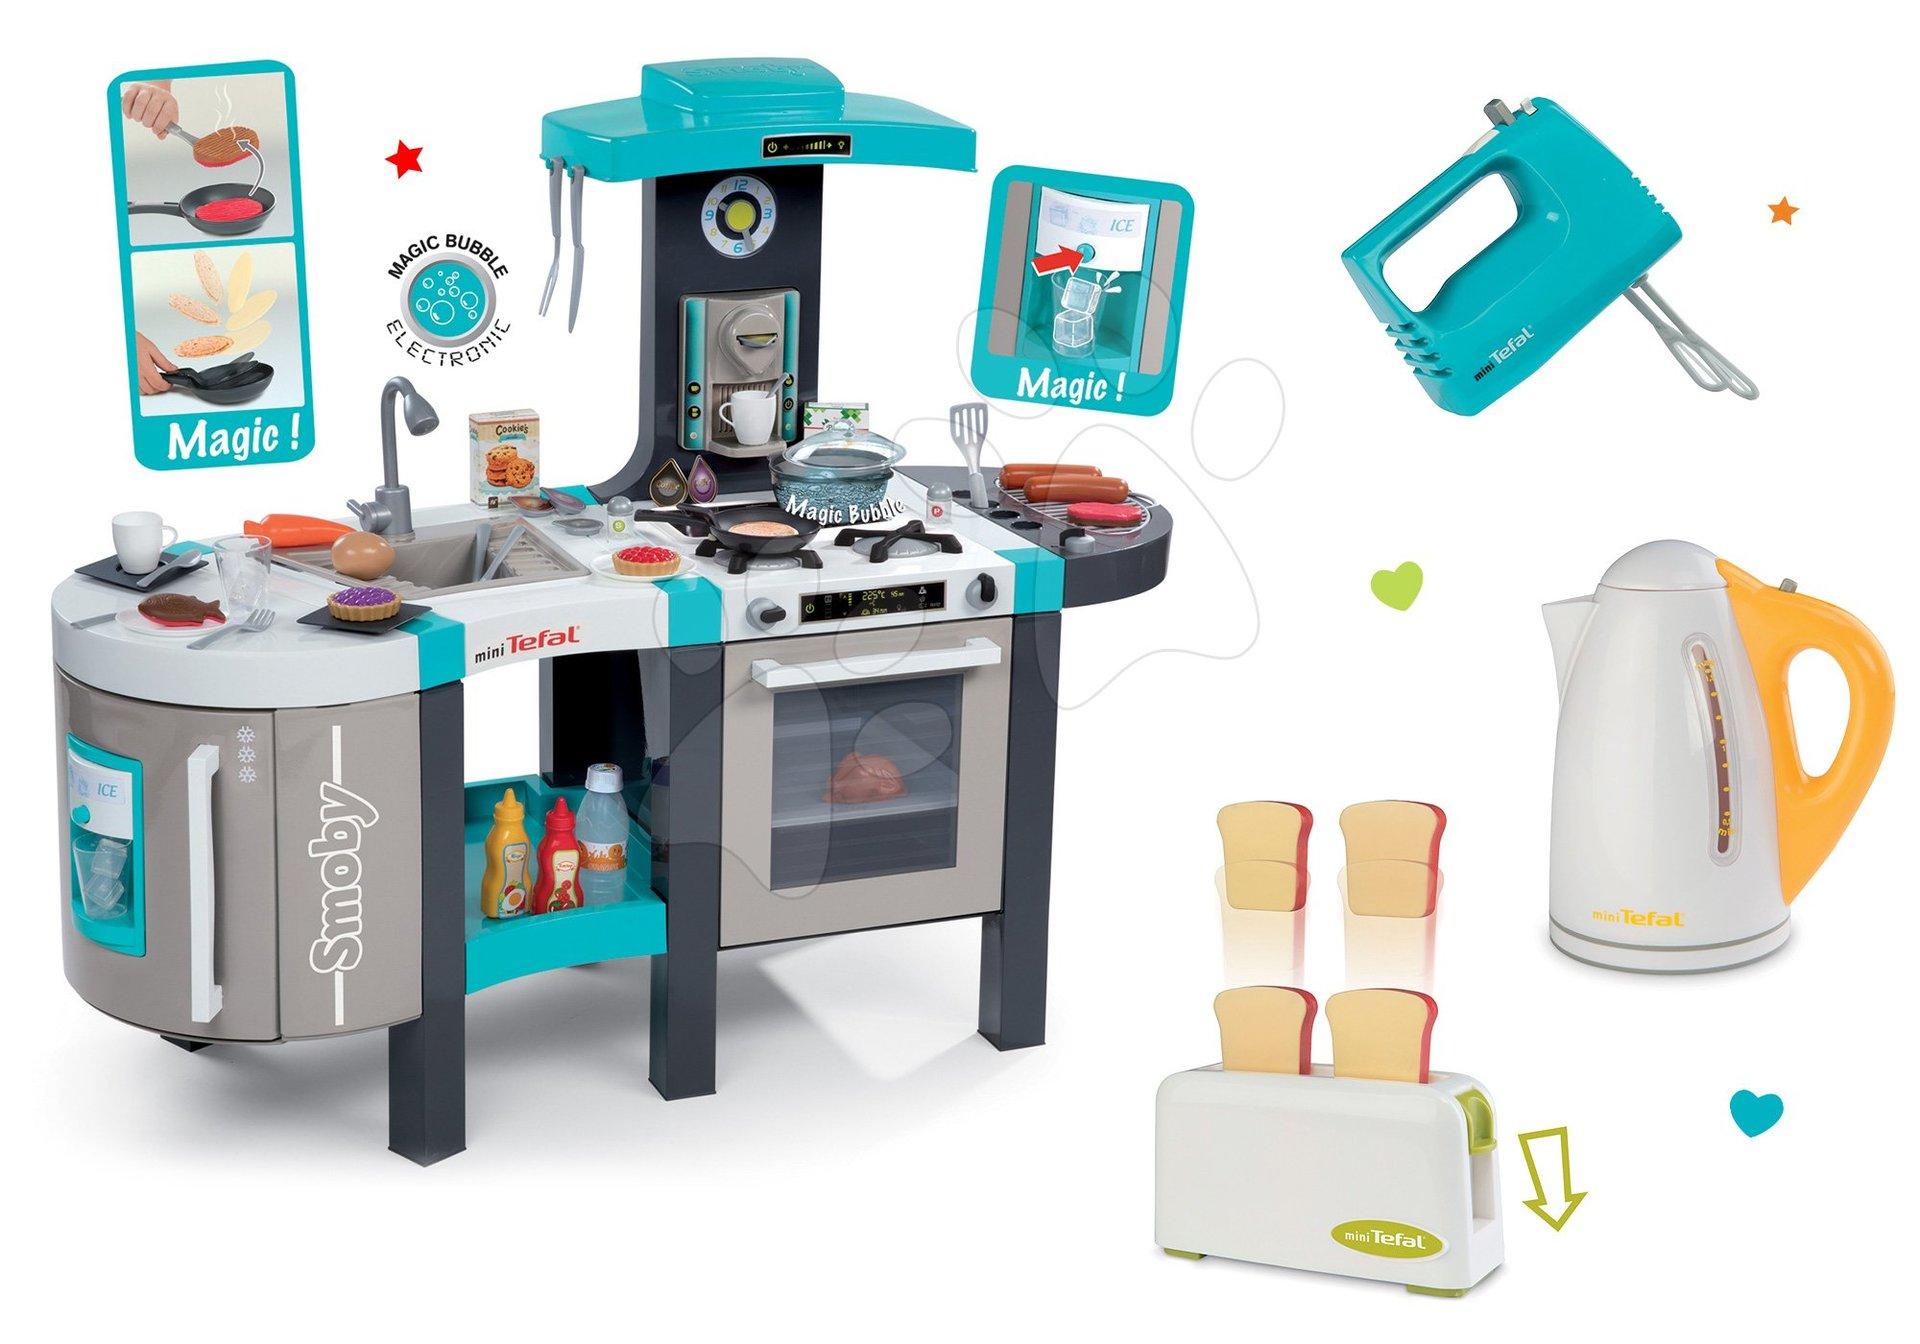 Set kuchyňka Tefal French Touch Smoby s ledem a kávovarem a 3 kuchyňské spotřebiče Tefal